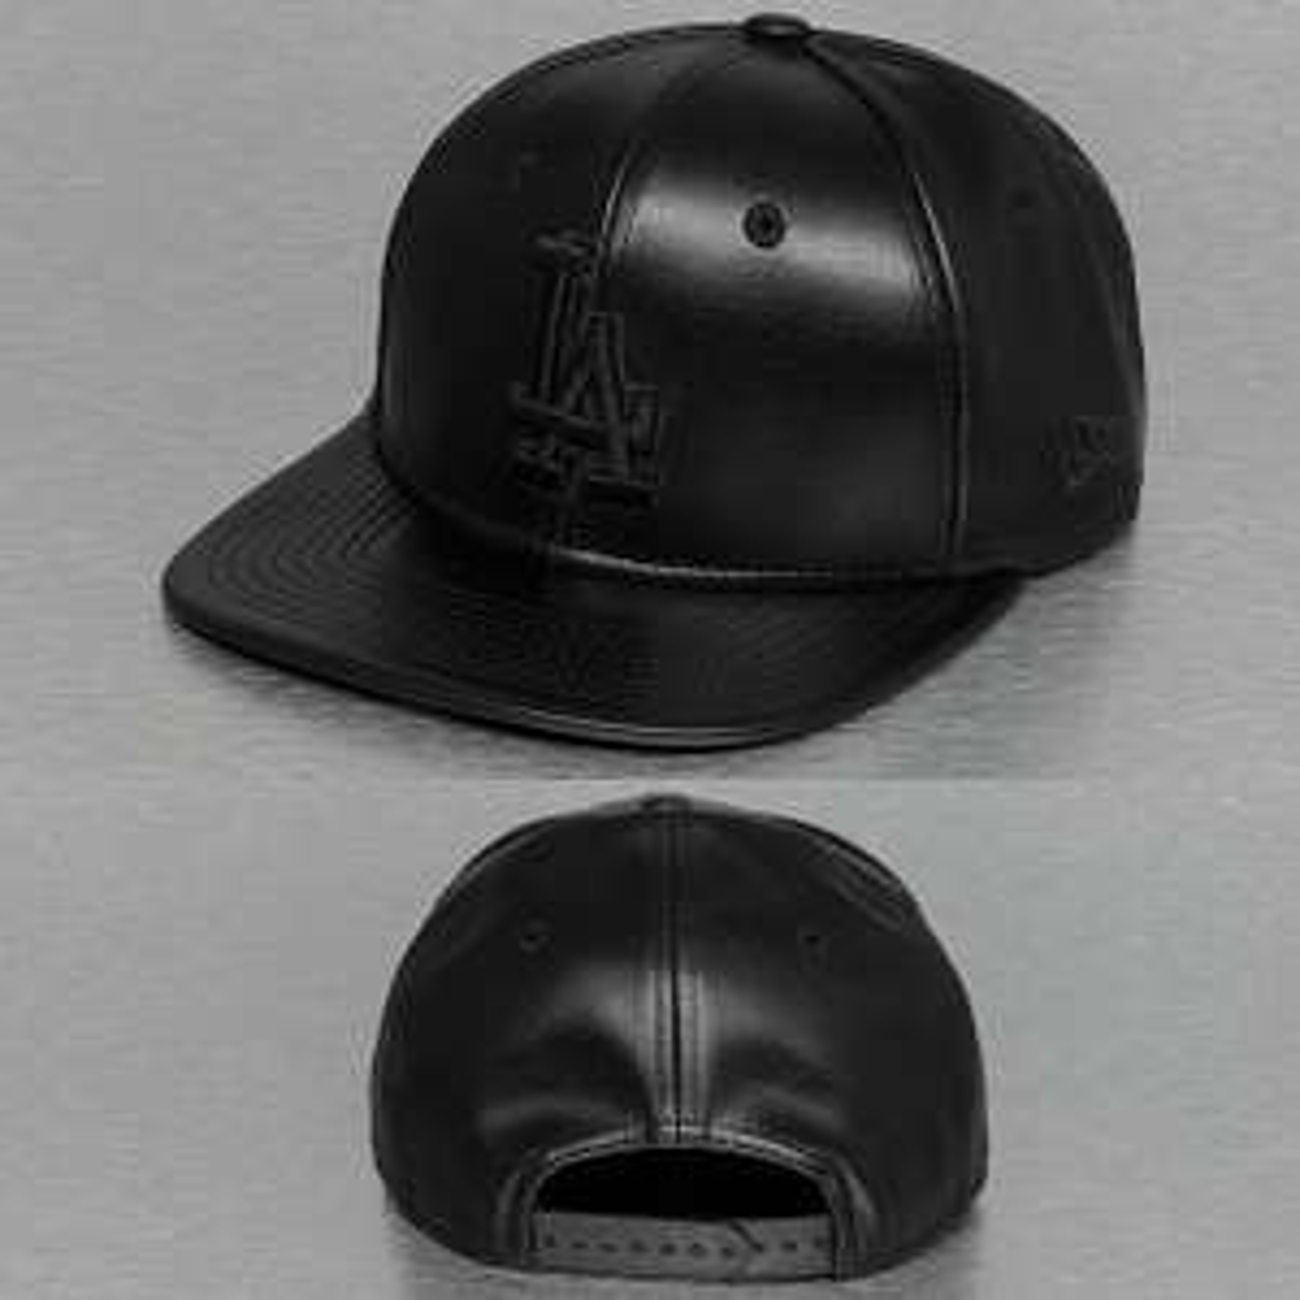 Sélection de casquettes en promotion - Ex : New Era Tonal Los Angeles Dodgers (taille S / M) - frais de port inclus